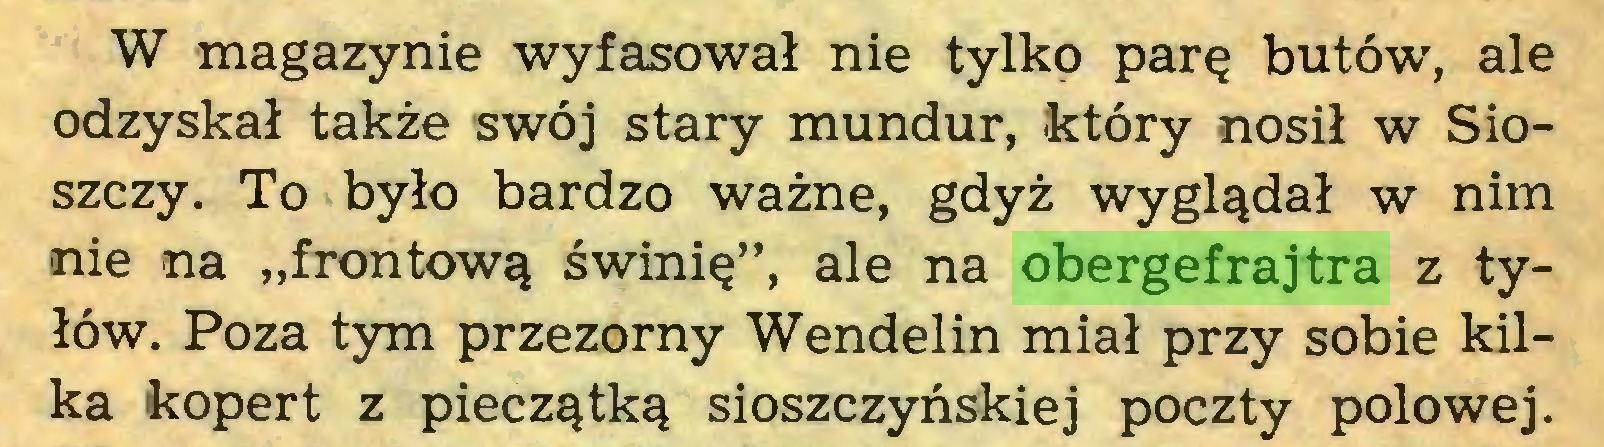 """(...) W magazynie wyfasował nie tylko parę butów, ale odzyskał także swój stary mundur, który nosił w Sioszczy. To było bardzo ważne, gdyż wyglądał w nim nie na """"frontową świnię"""", ale na obergefrajtra z tyłów. Poza tym przezorny Wendelin miał przy sobie kilka kopert z pieczątką sioszczyńskiej poczty połowęj..."""